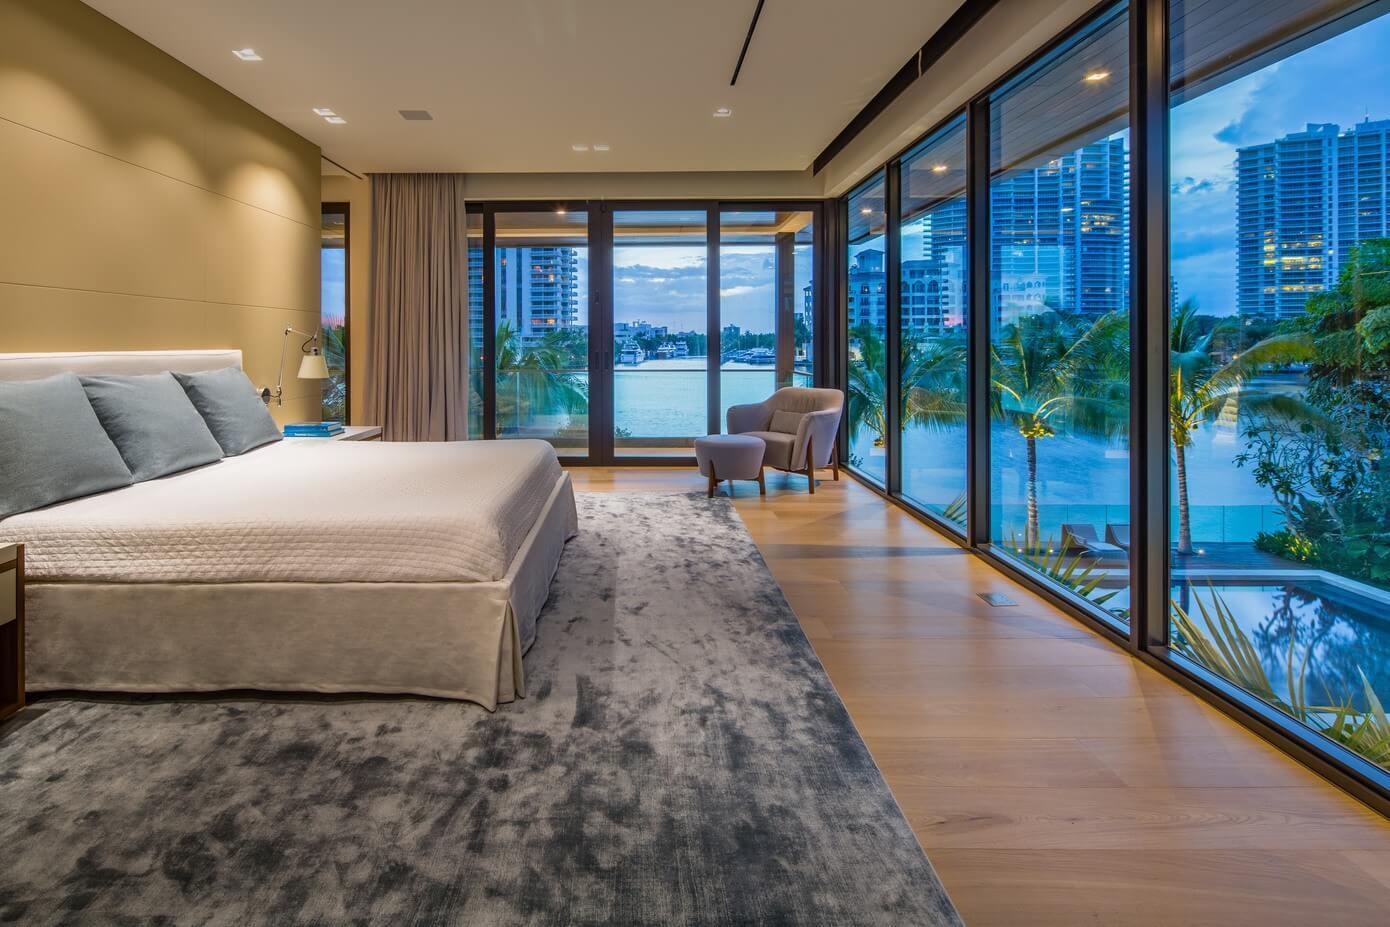 027 floating eaves residence kobi karp homeadore - Residence principale de luxe kobi karp ...